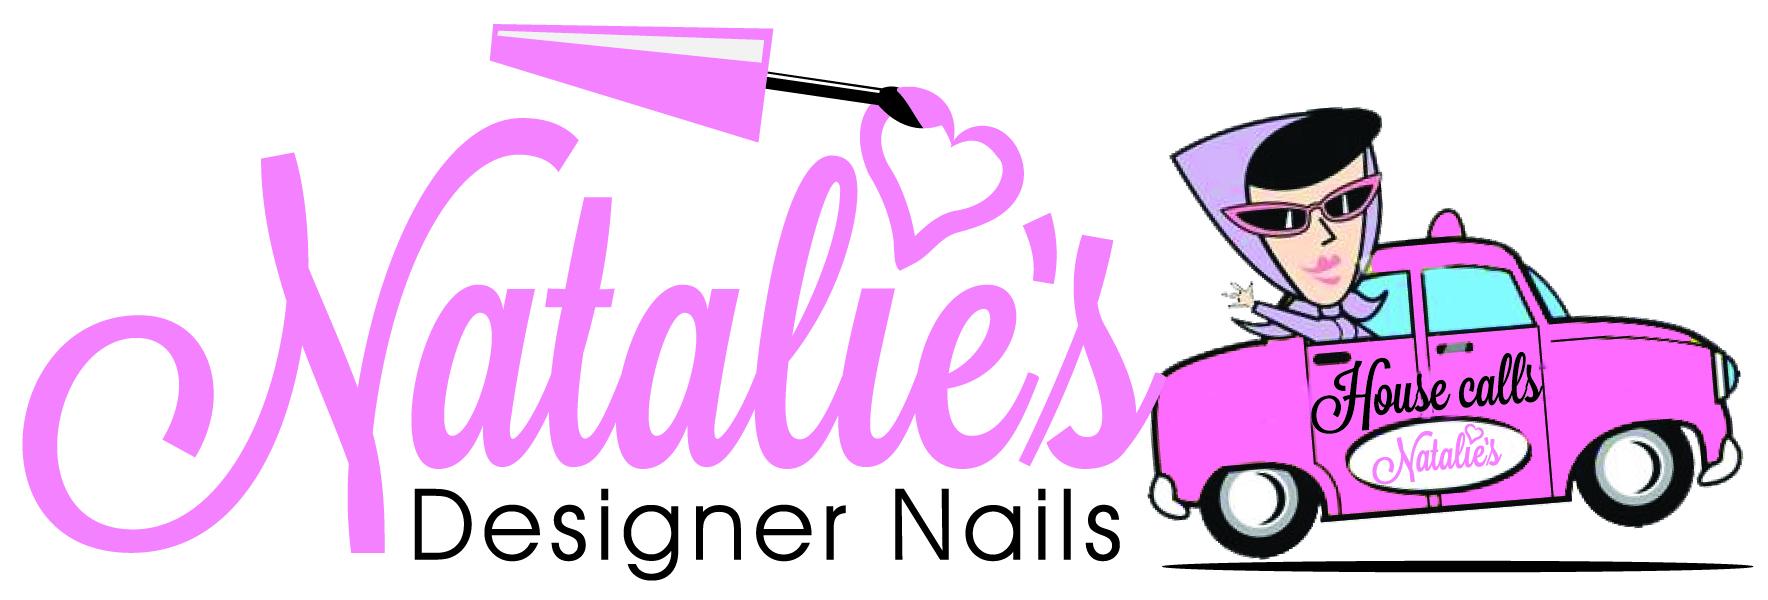 Nats-Nails-logo-car-01.jpg